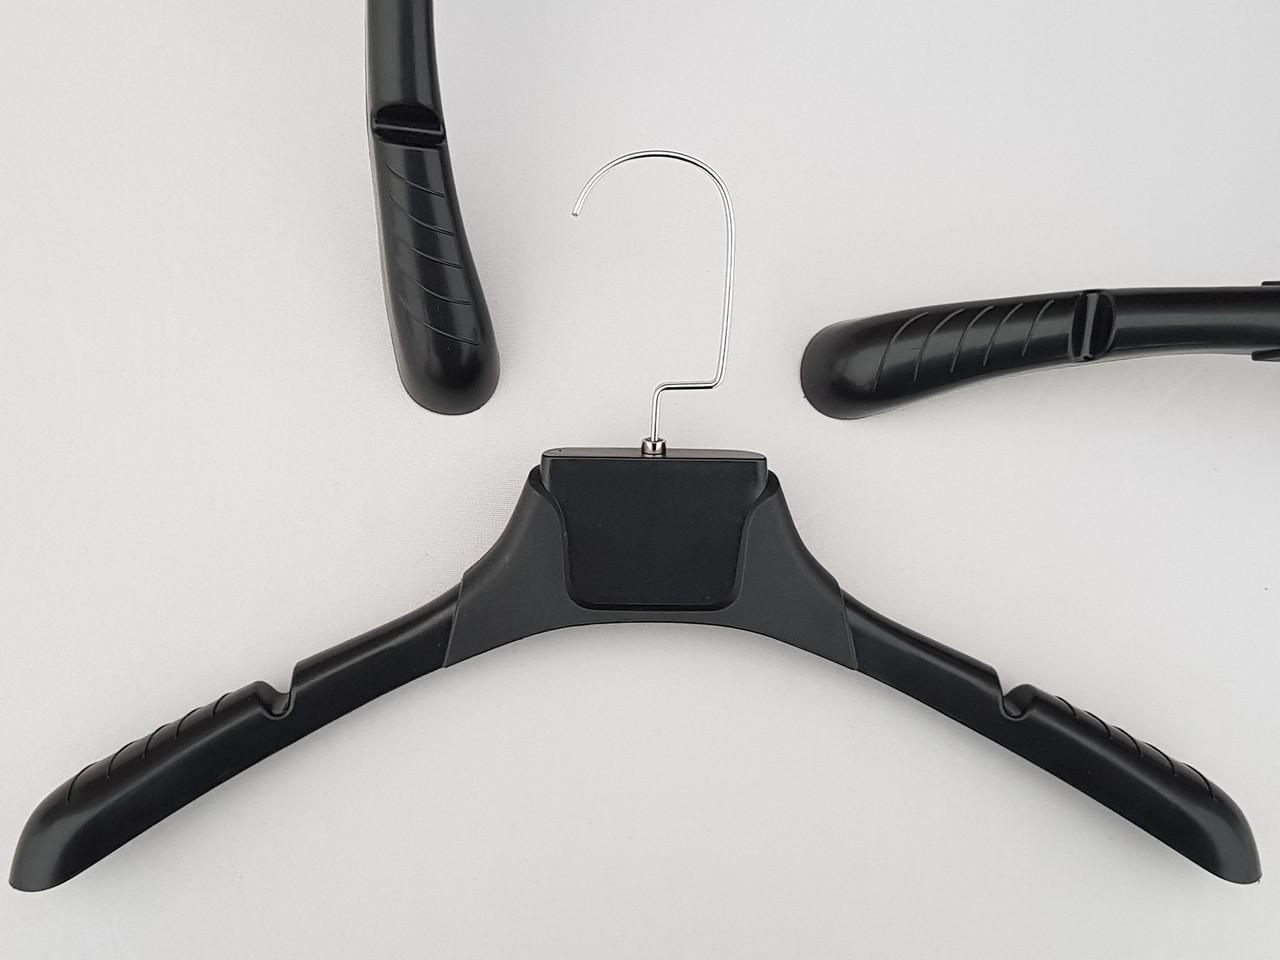 Плечики вешалки тремпеля TZ8821 с антискользящим ребристым плечом черного цвета, длина 38,5 см